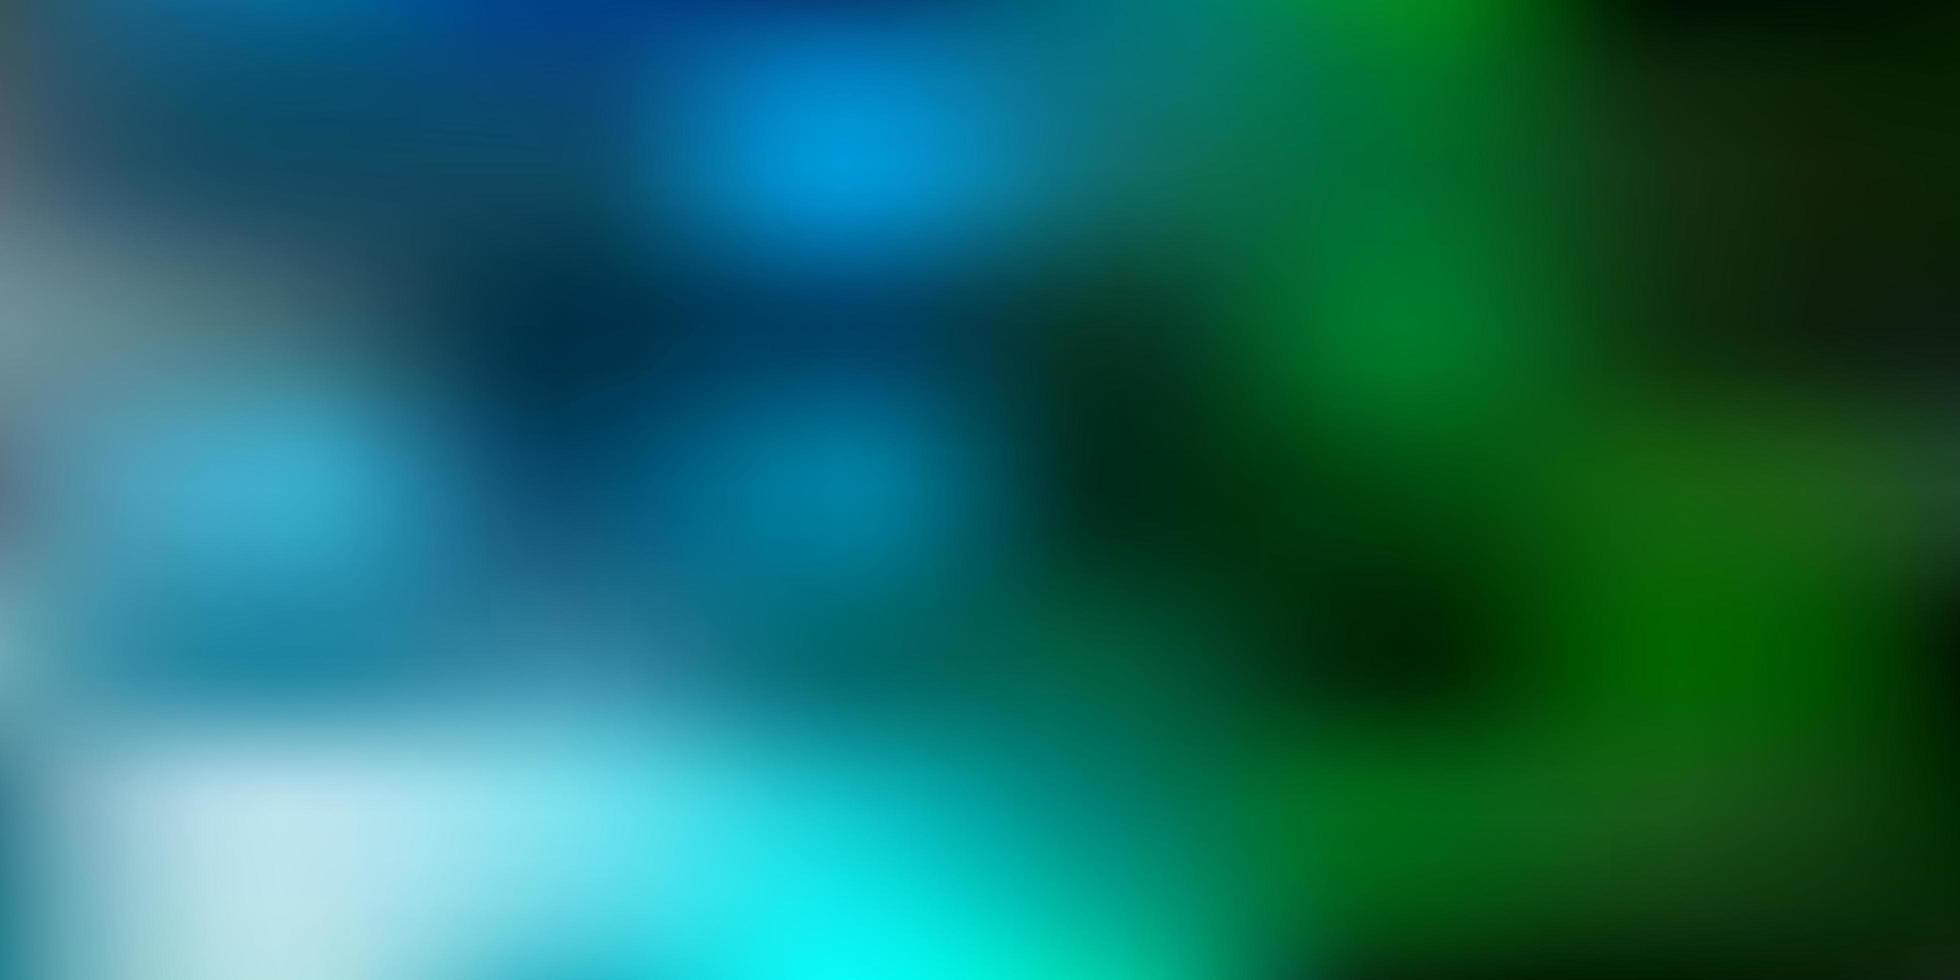 ljusblå och grön tonad konsistens. vektor